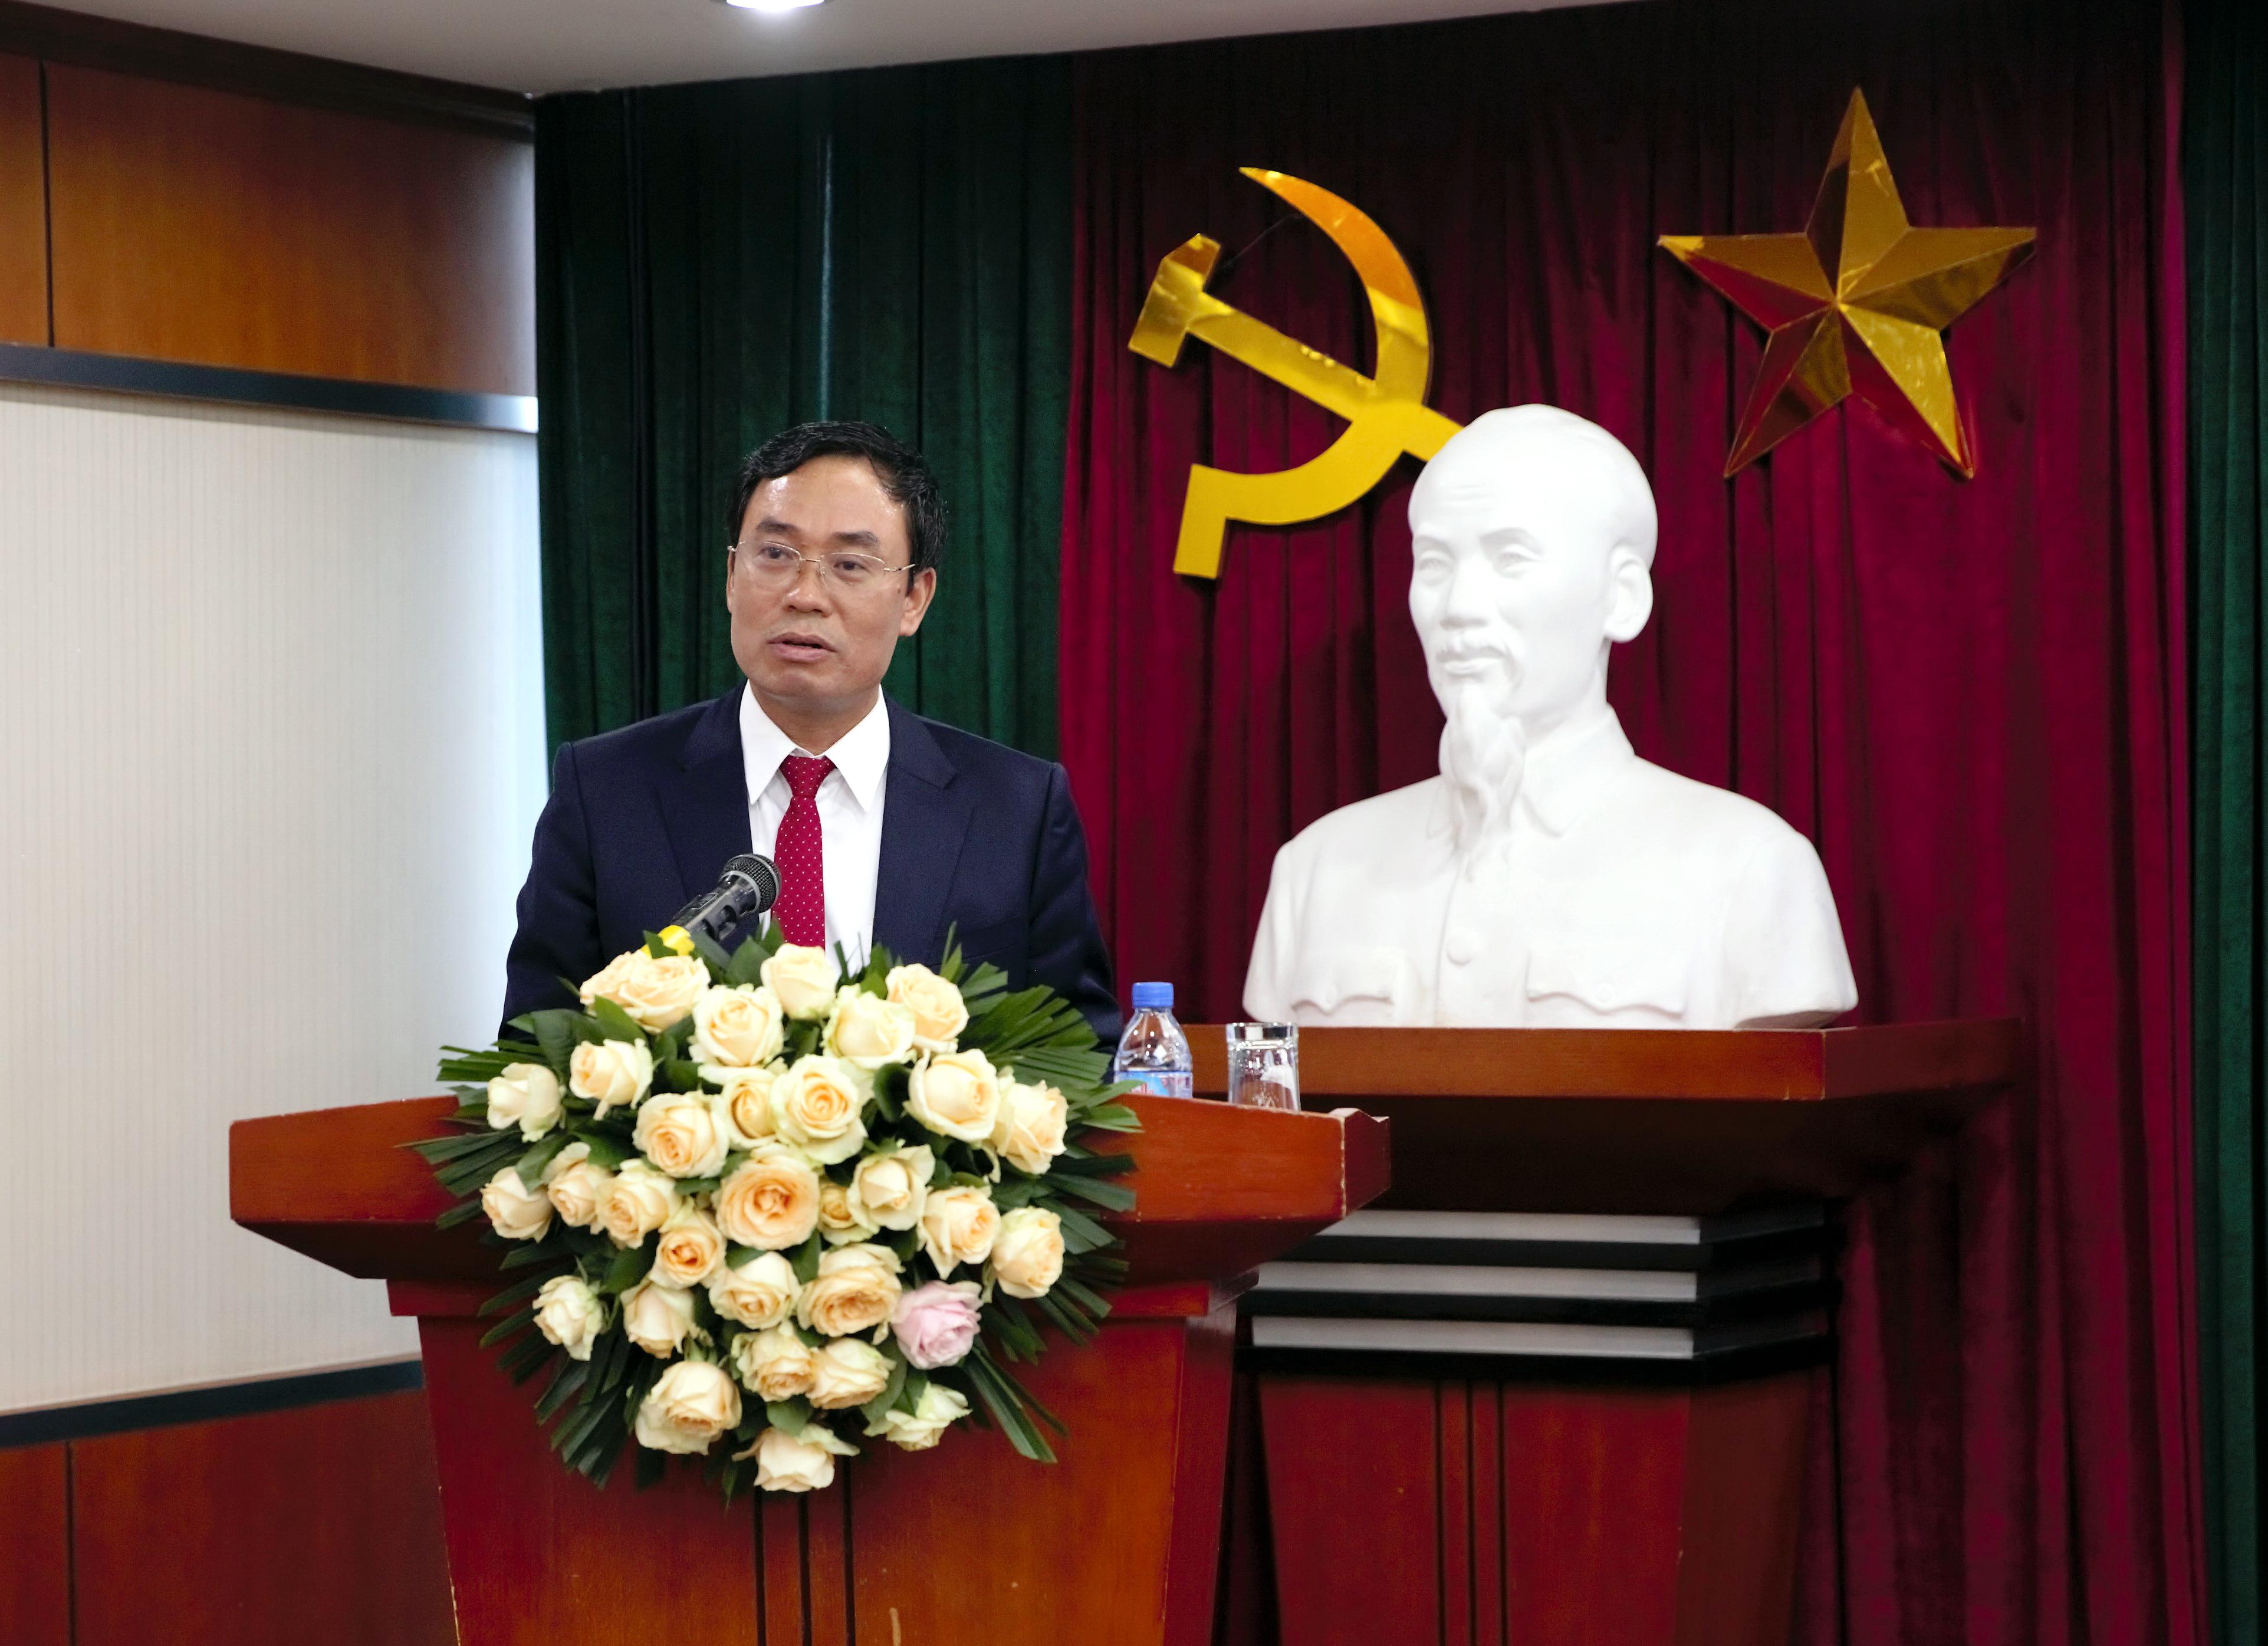 Phát biểu của ông Triệu Quốc Tuấn – Thành viên HĐQT PV GAS